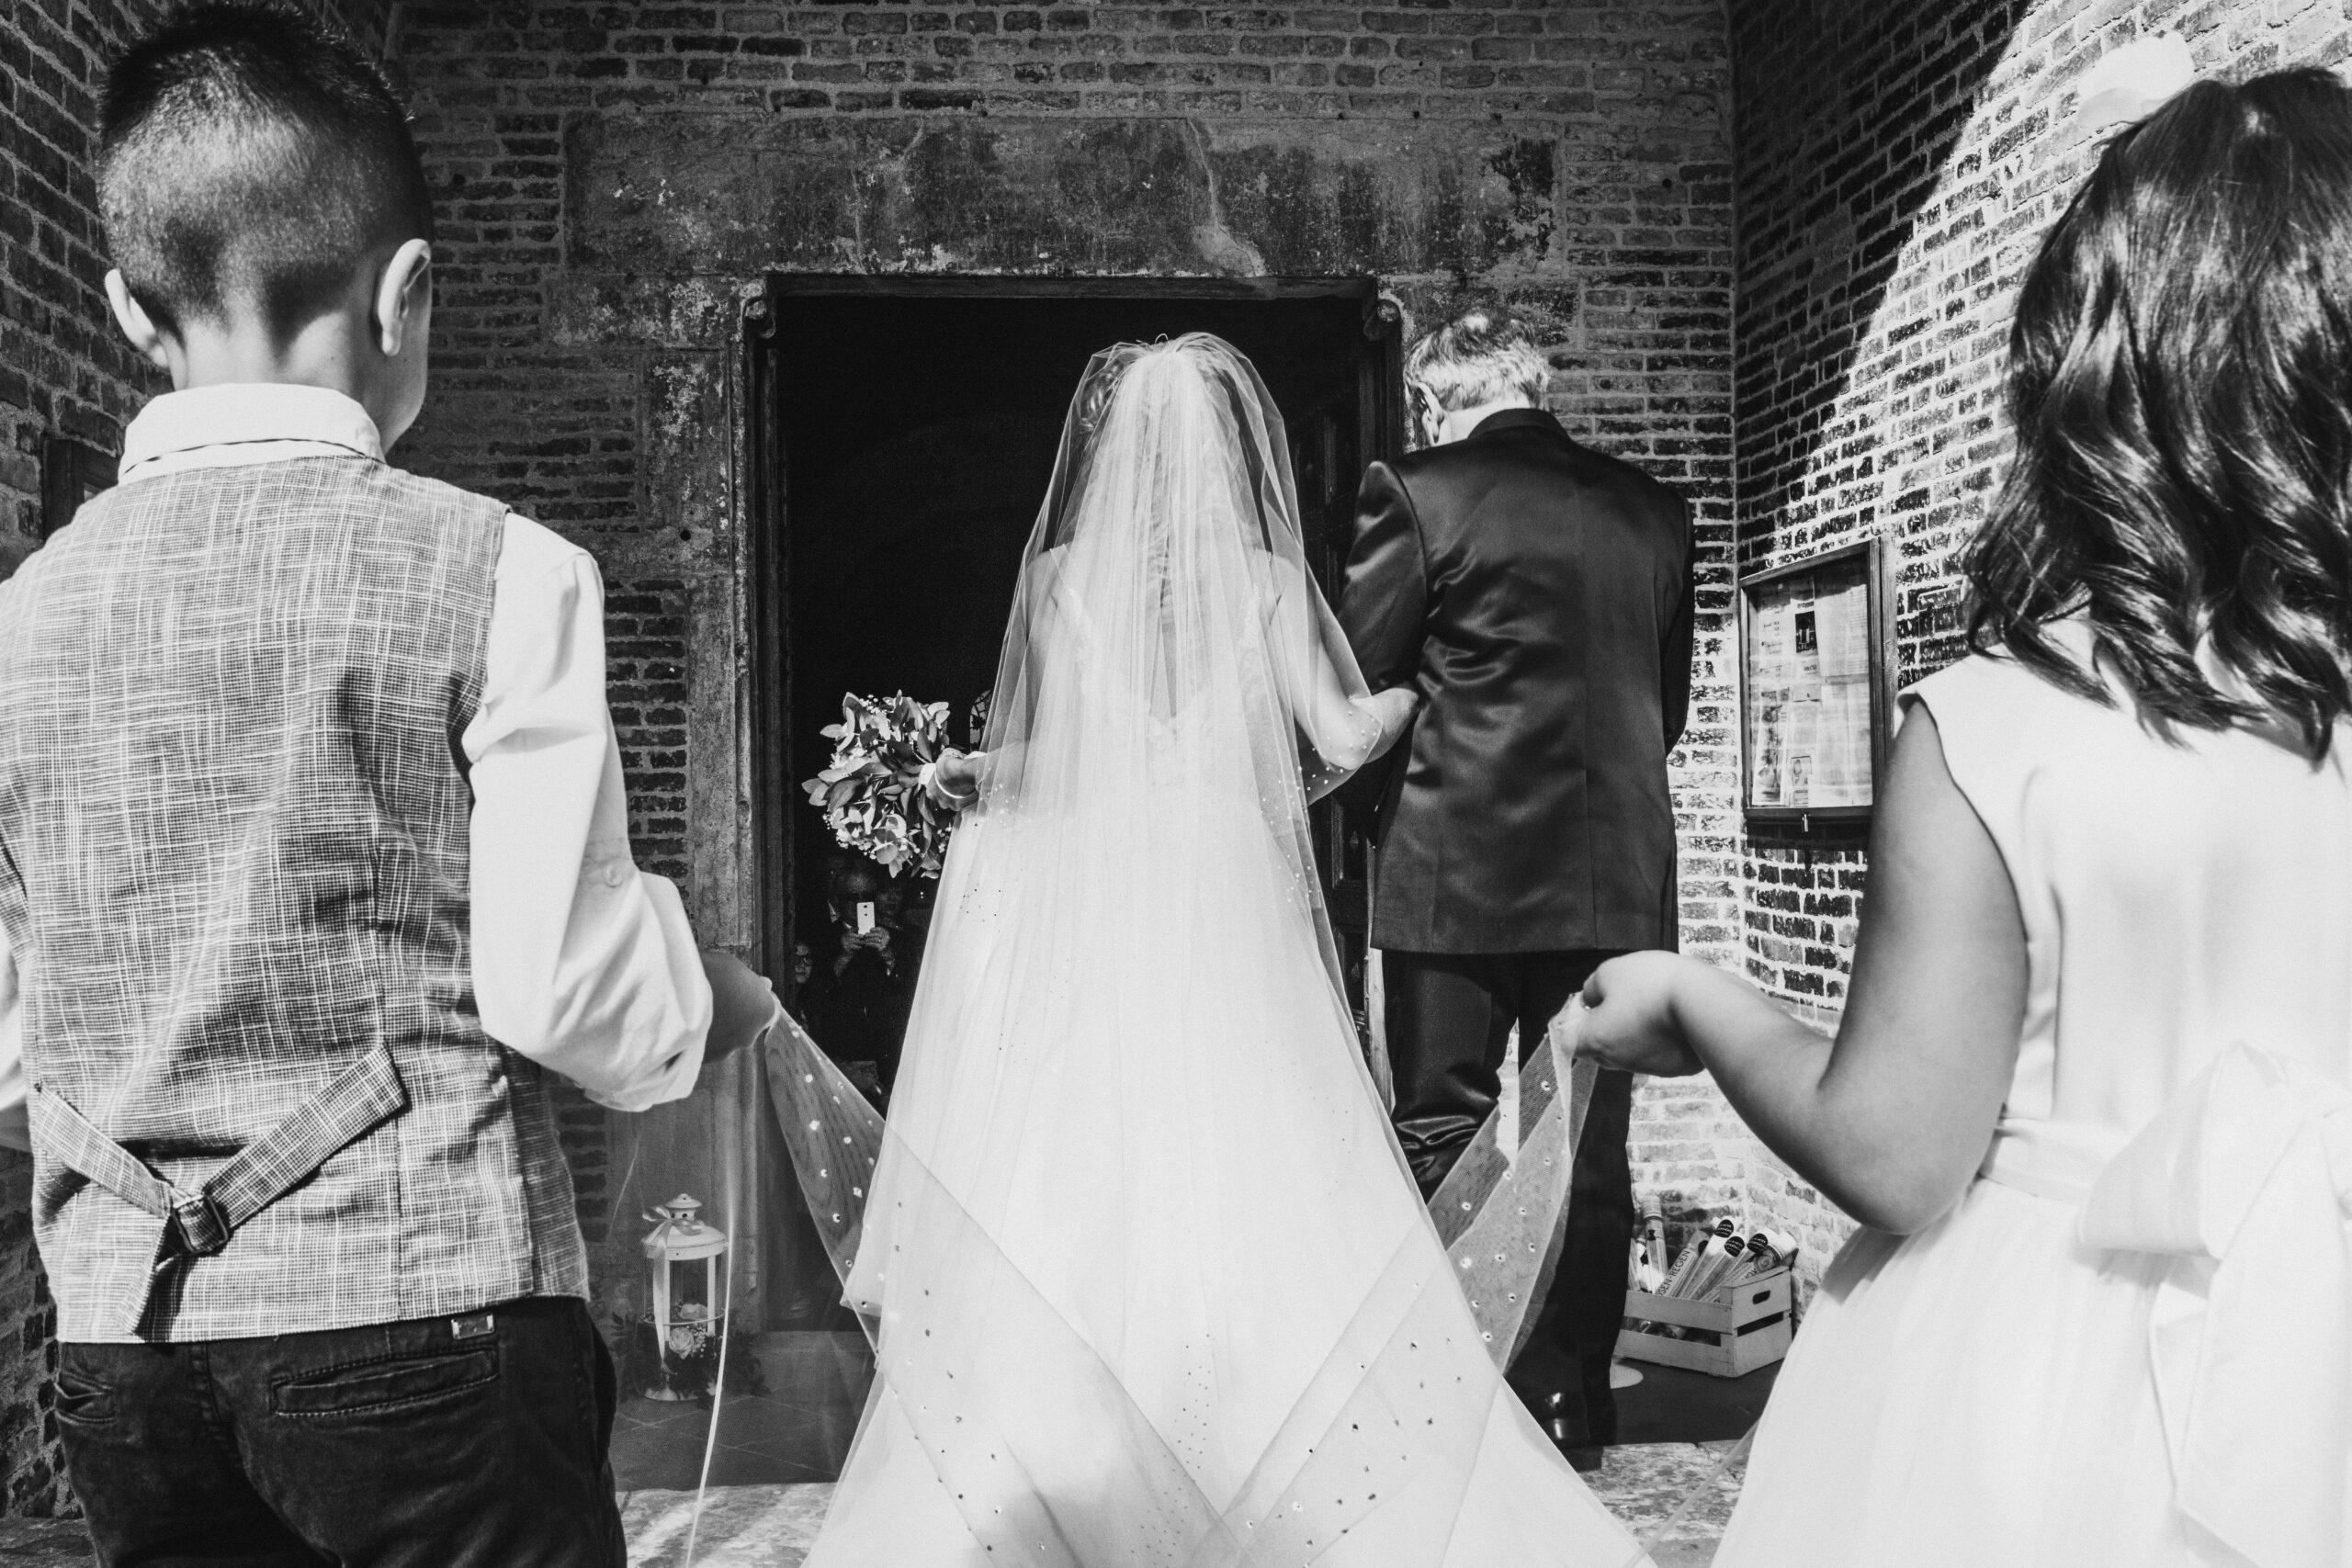 ingresso chiesa sposa di spalle